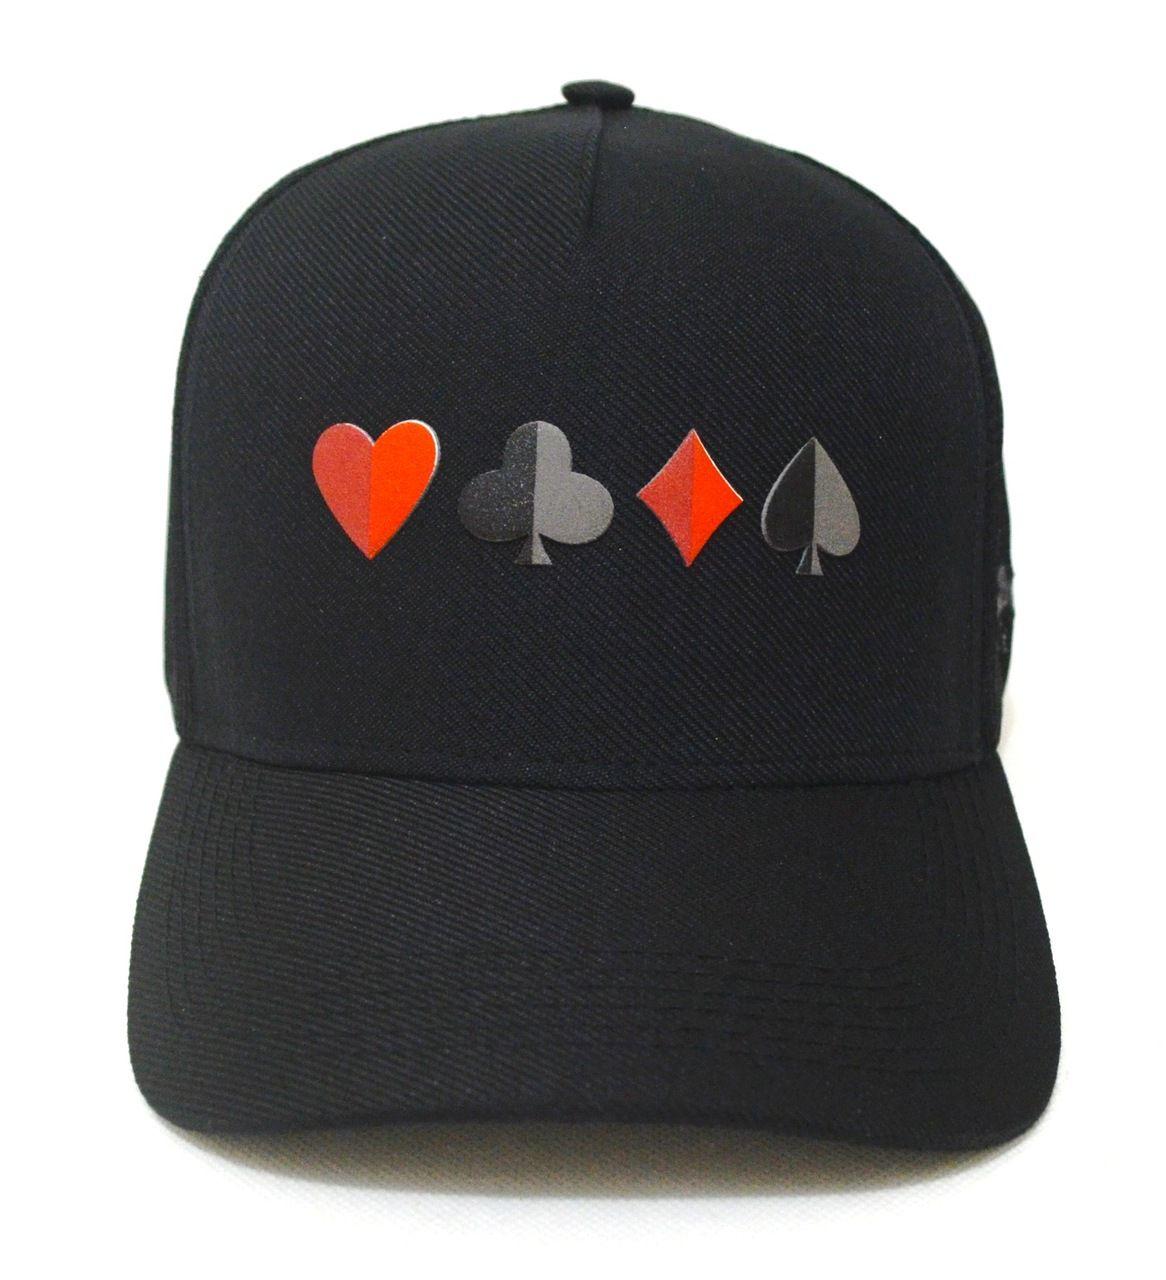 Boné Poker Naipes Preto Aba Curva Snapback - Zap Copas Ouros Valete ae4ba09fb3dd1